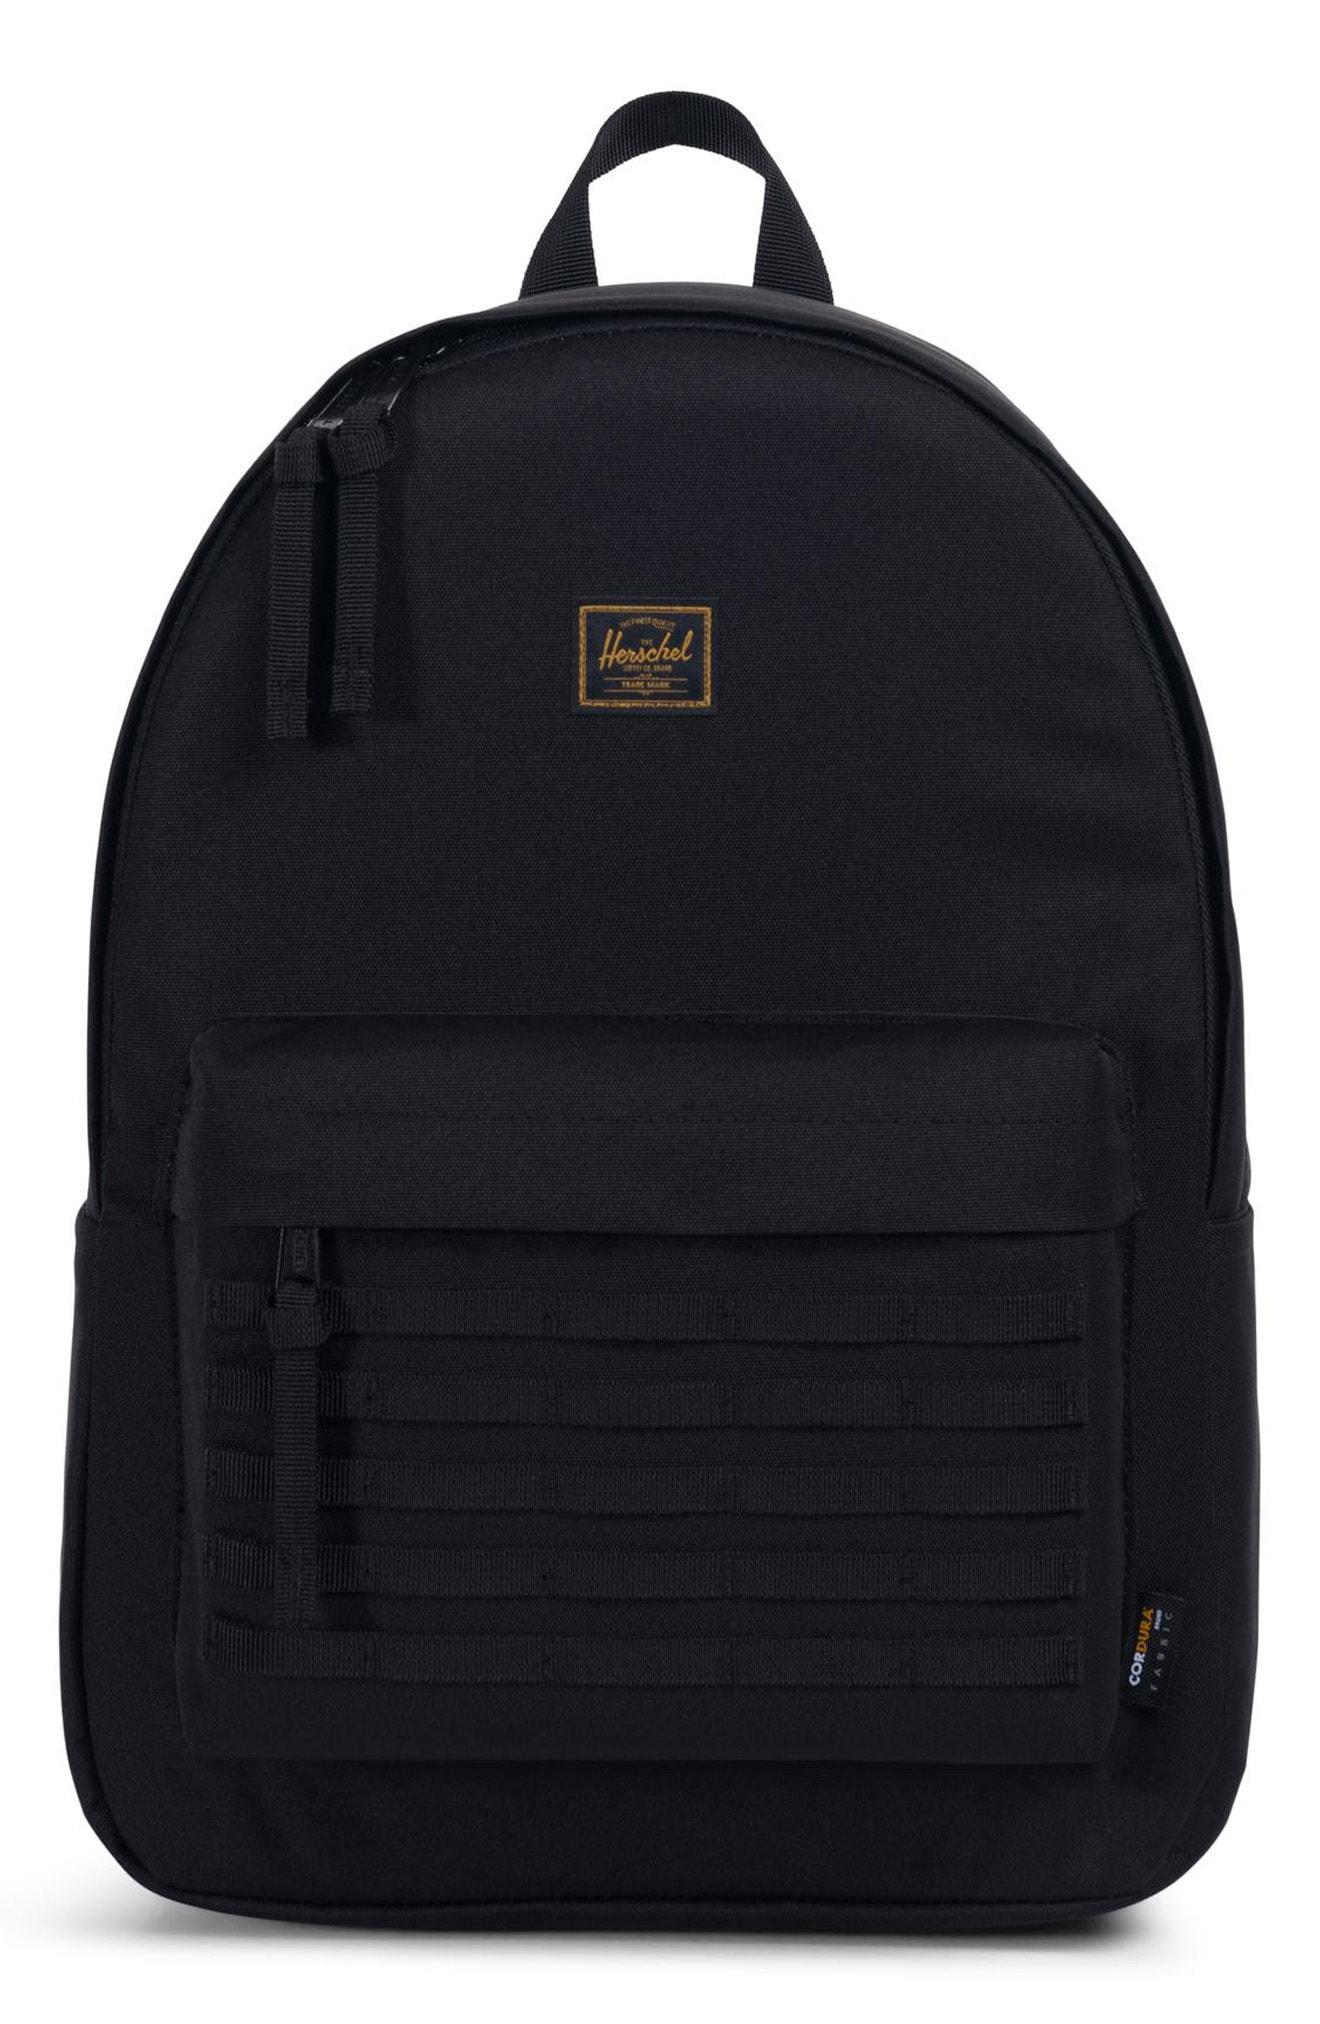 Herschel Supply Co. Surplus Classic XL Backpack